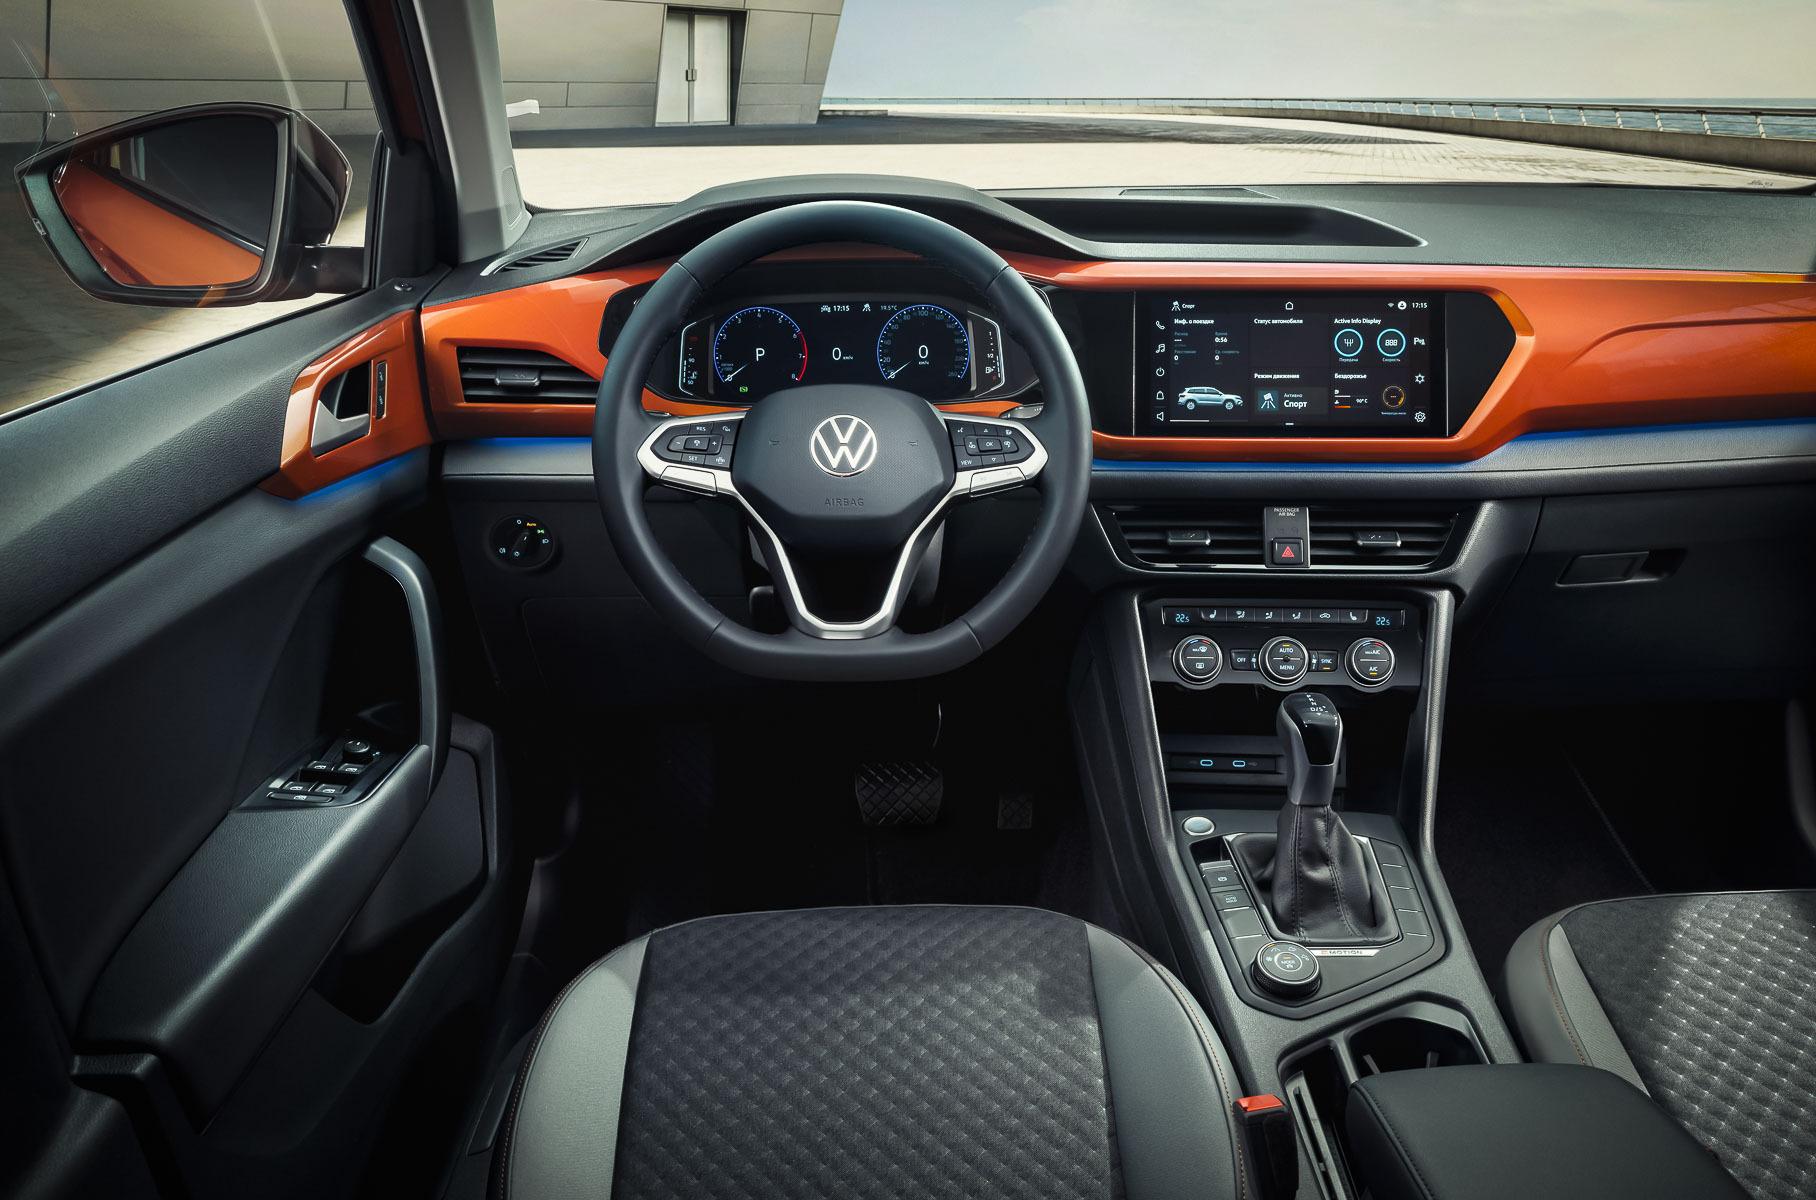 VW раскрыл подробности о кроссовере Taos для России